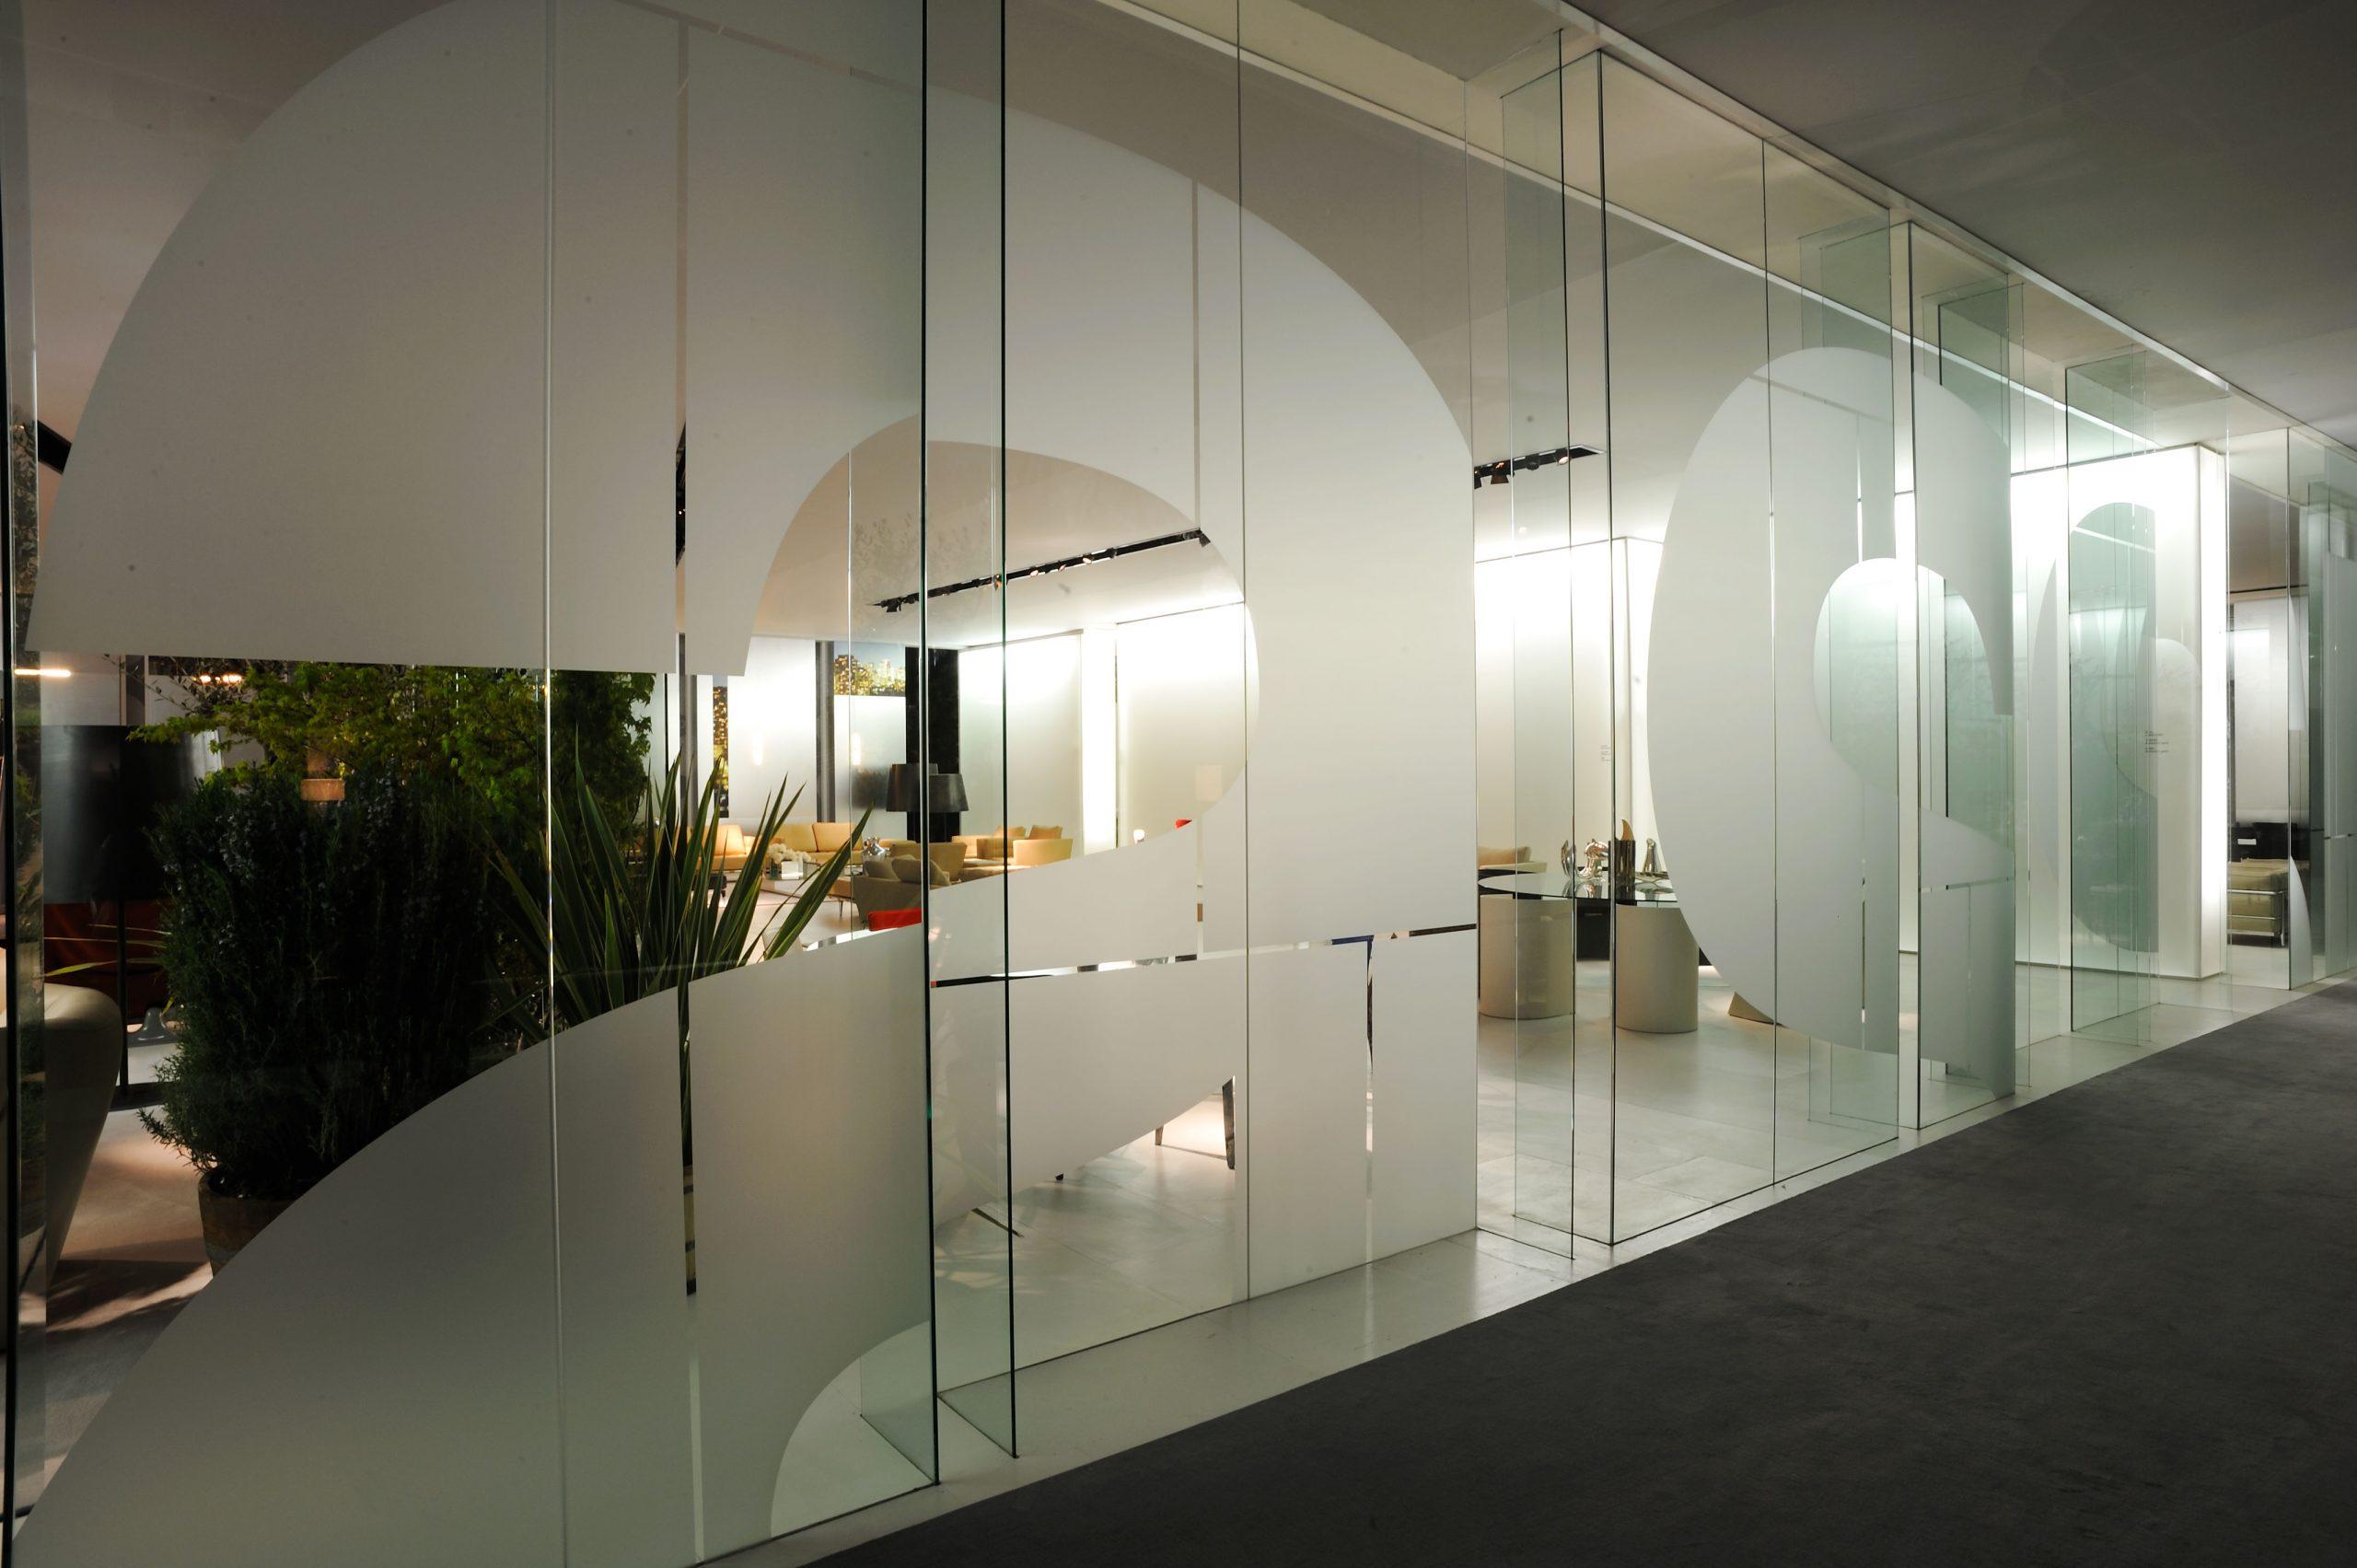 4-Cassina-Salone-Milano-2008